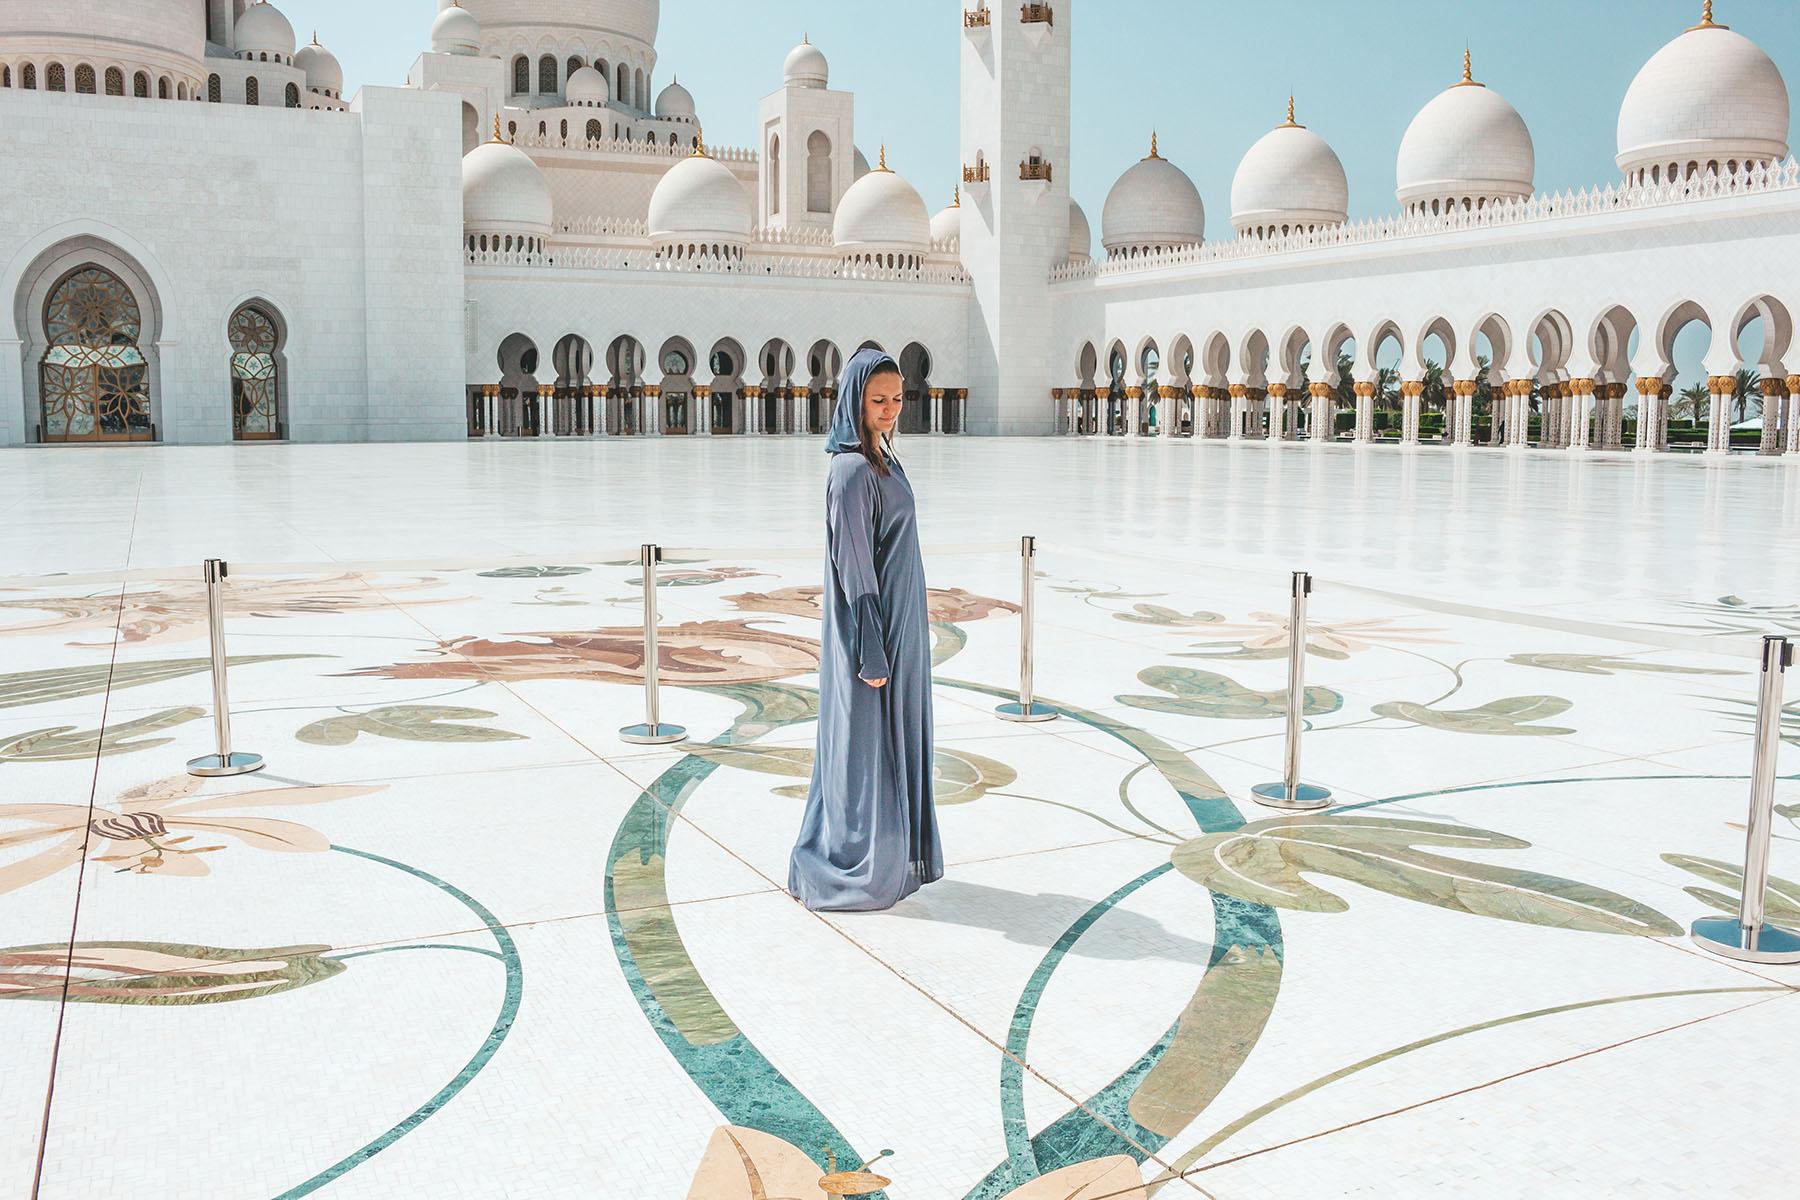 Orient Kreuzfahrt Abu Dhabi Scheich Zayid Moschee 2